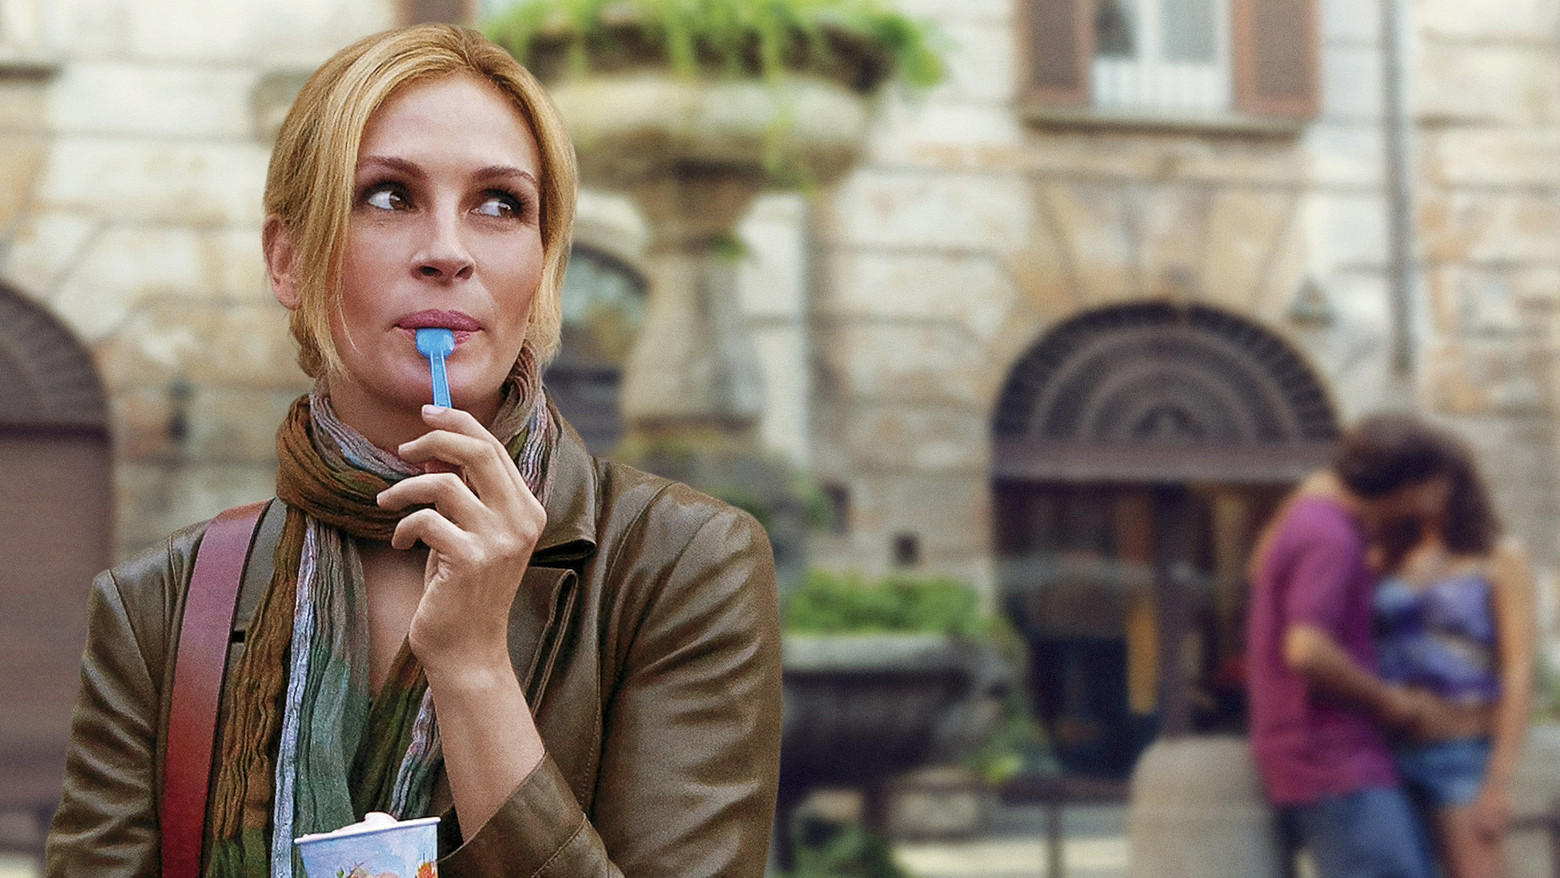 15 Frases Inspiradoras De Comer Rezar Amar